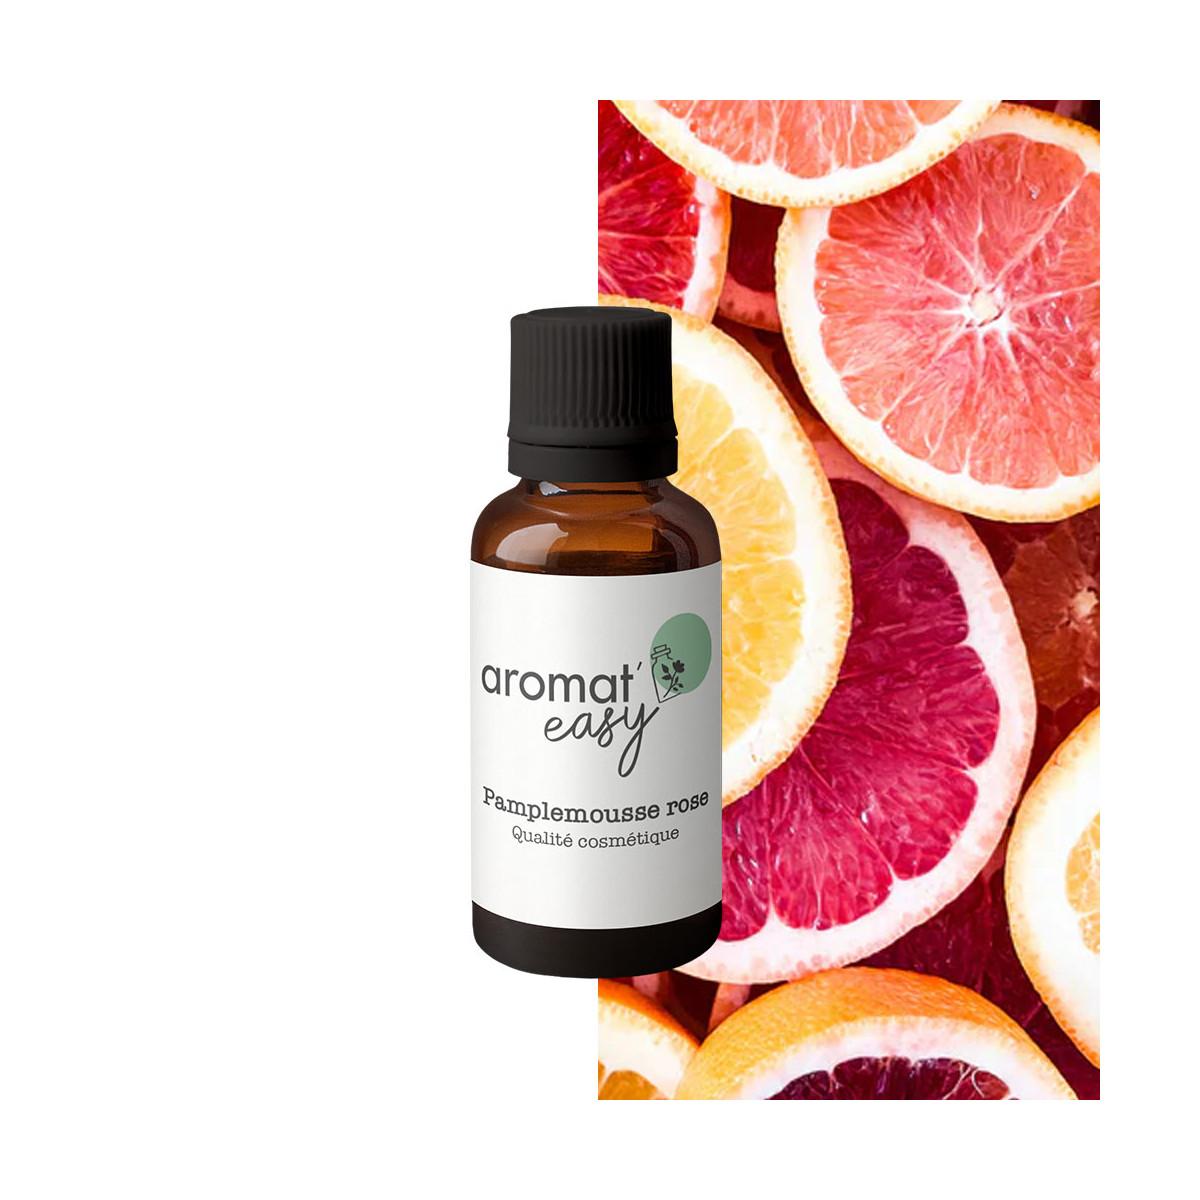 Extrait pour parfum Pamplemousse rose